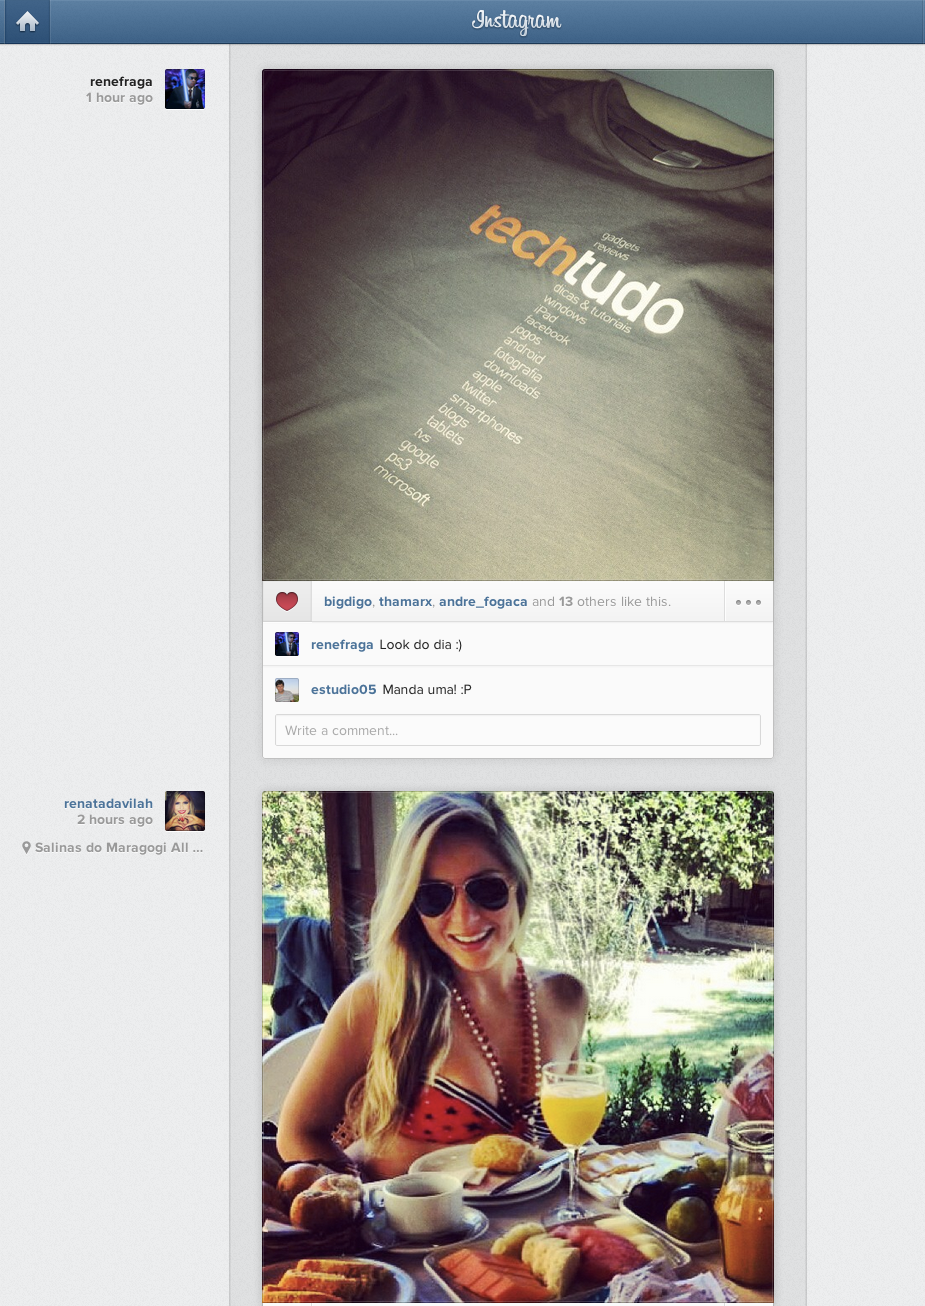 Instagram lança página web completa com fotos e ferramentas do app (Foto: Reprodução/Instagram)